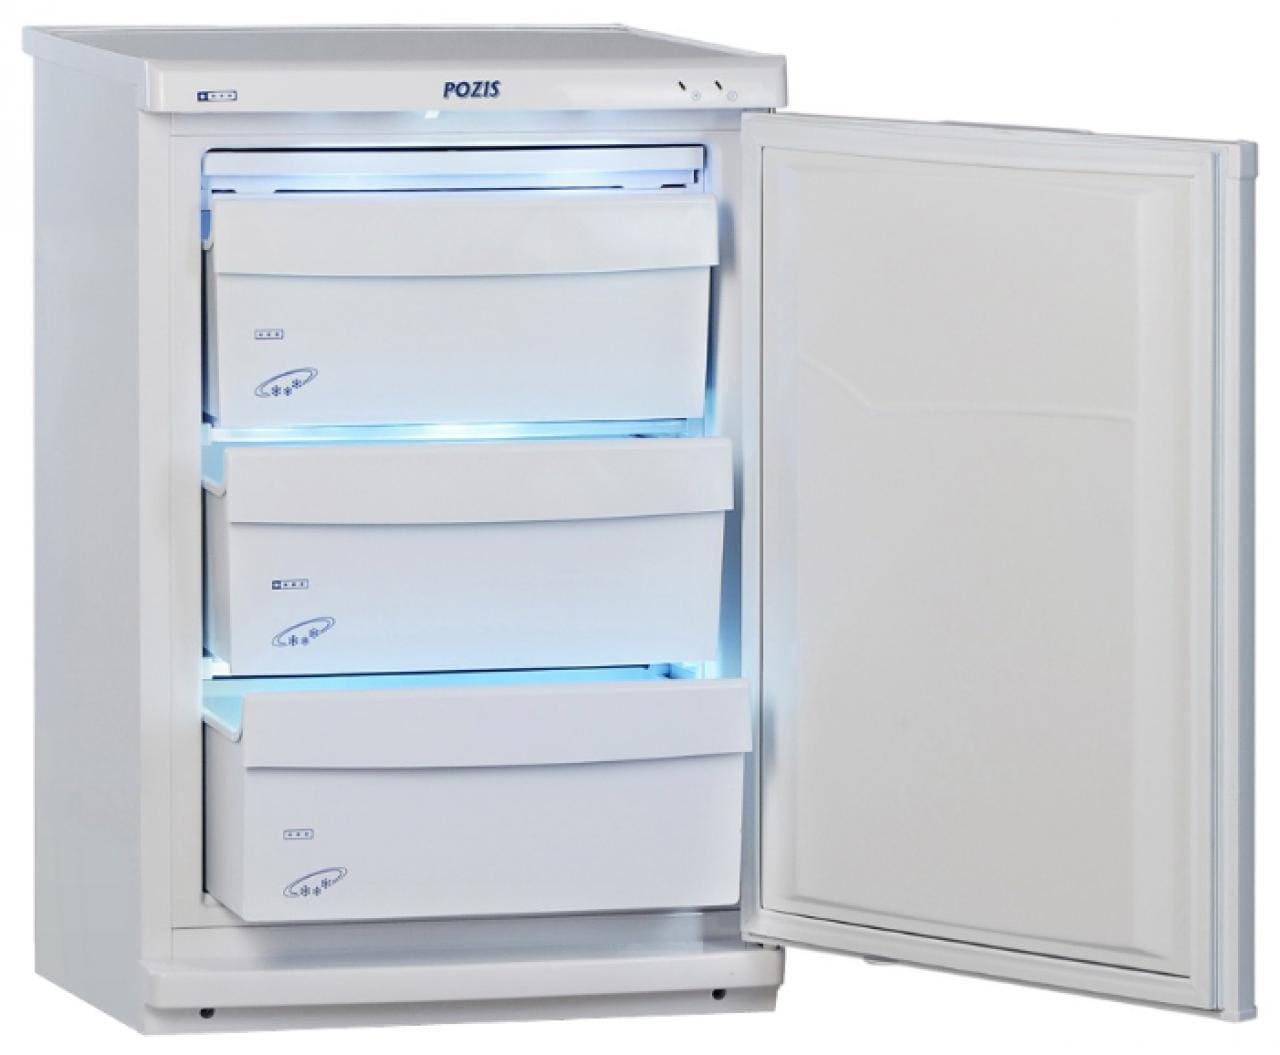 холодильник Pozis Свияга 109-2